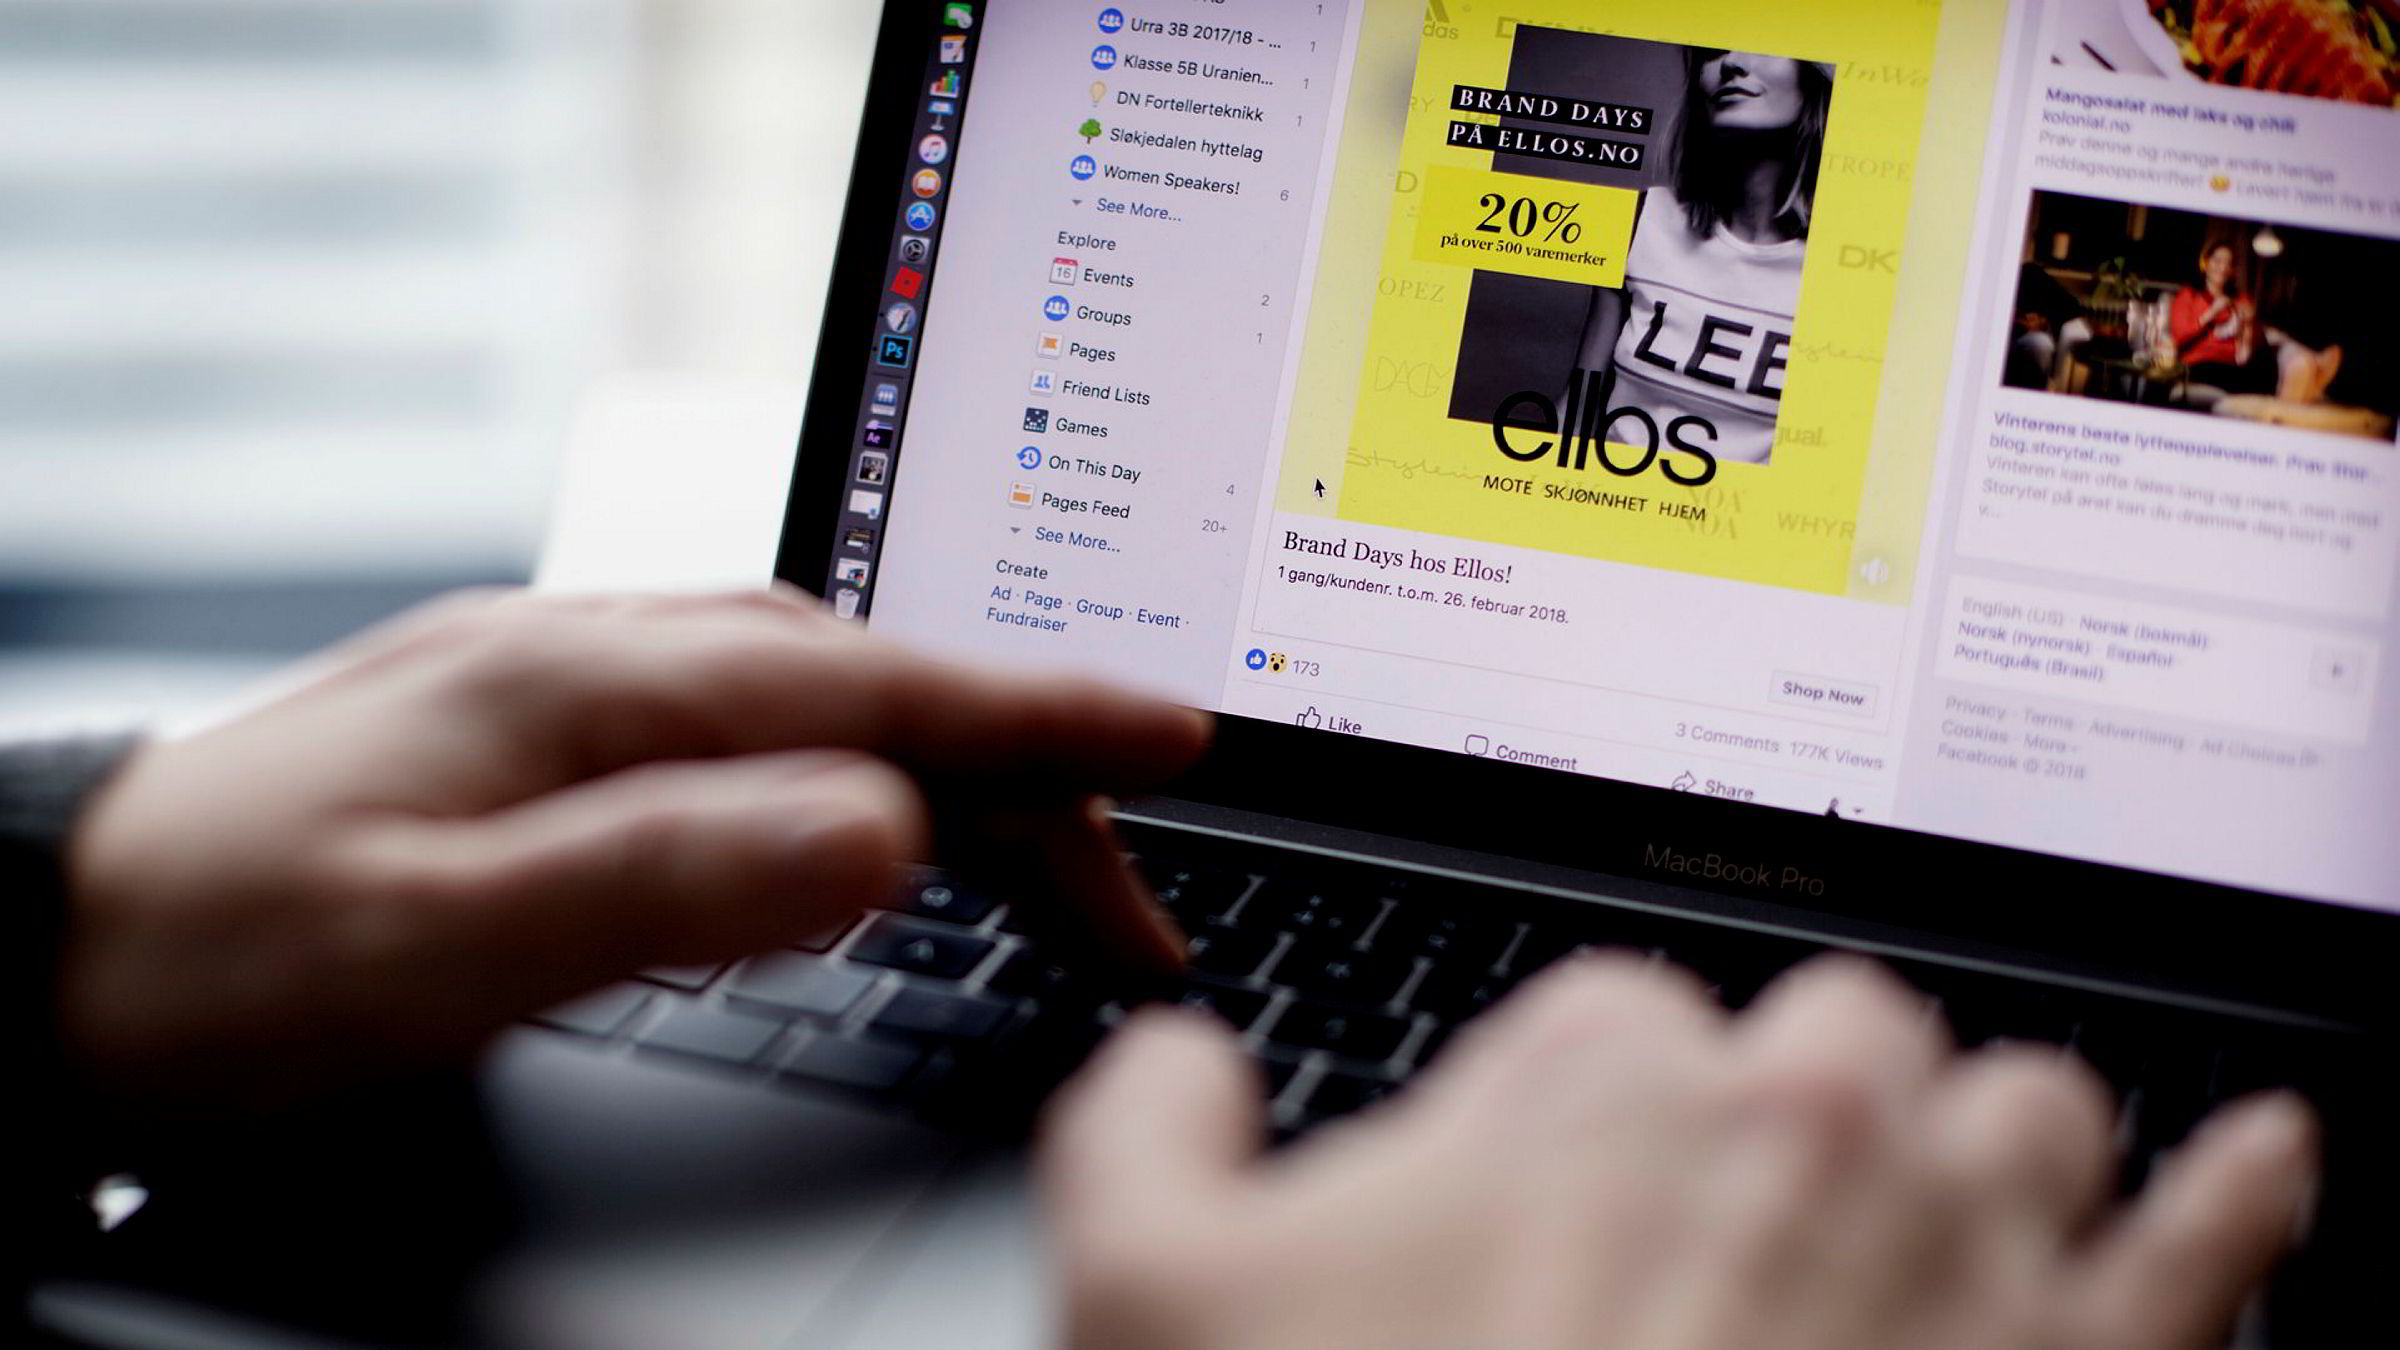 Det tydelig at det digitale økosystemet langt fra er friskmeldt og fremdeles er til hodebry for flertallet av norske annonsører.